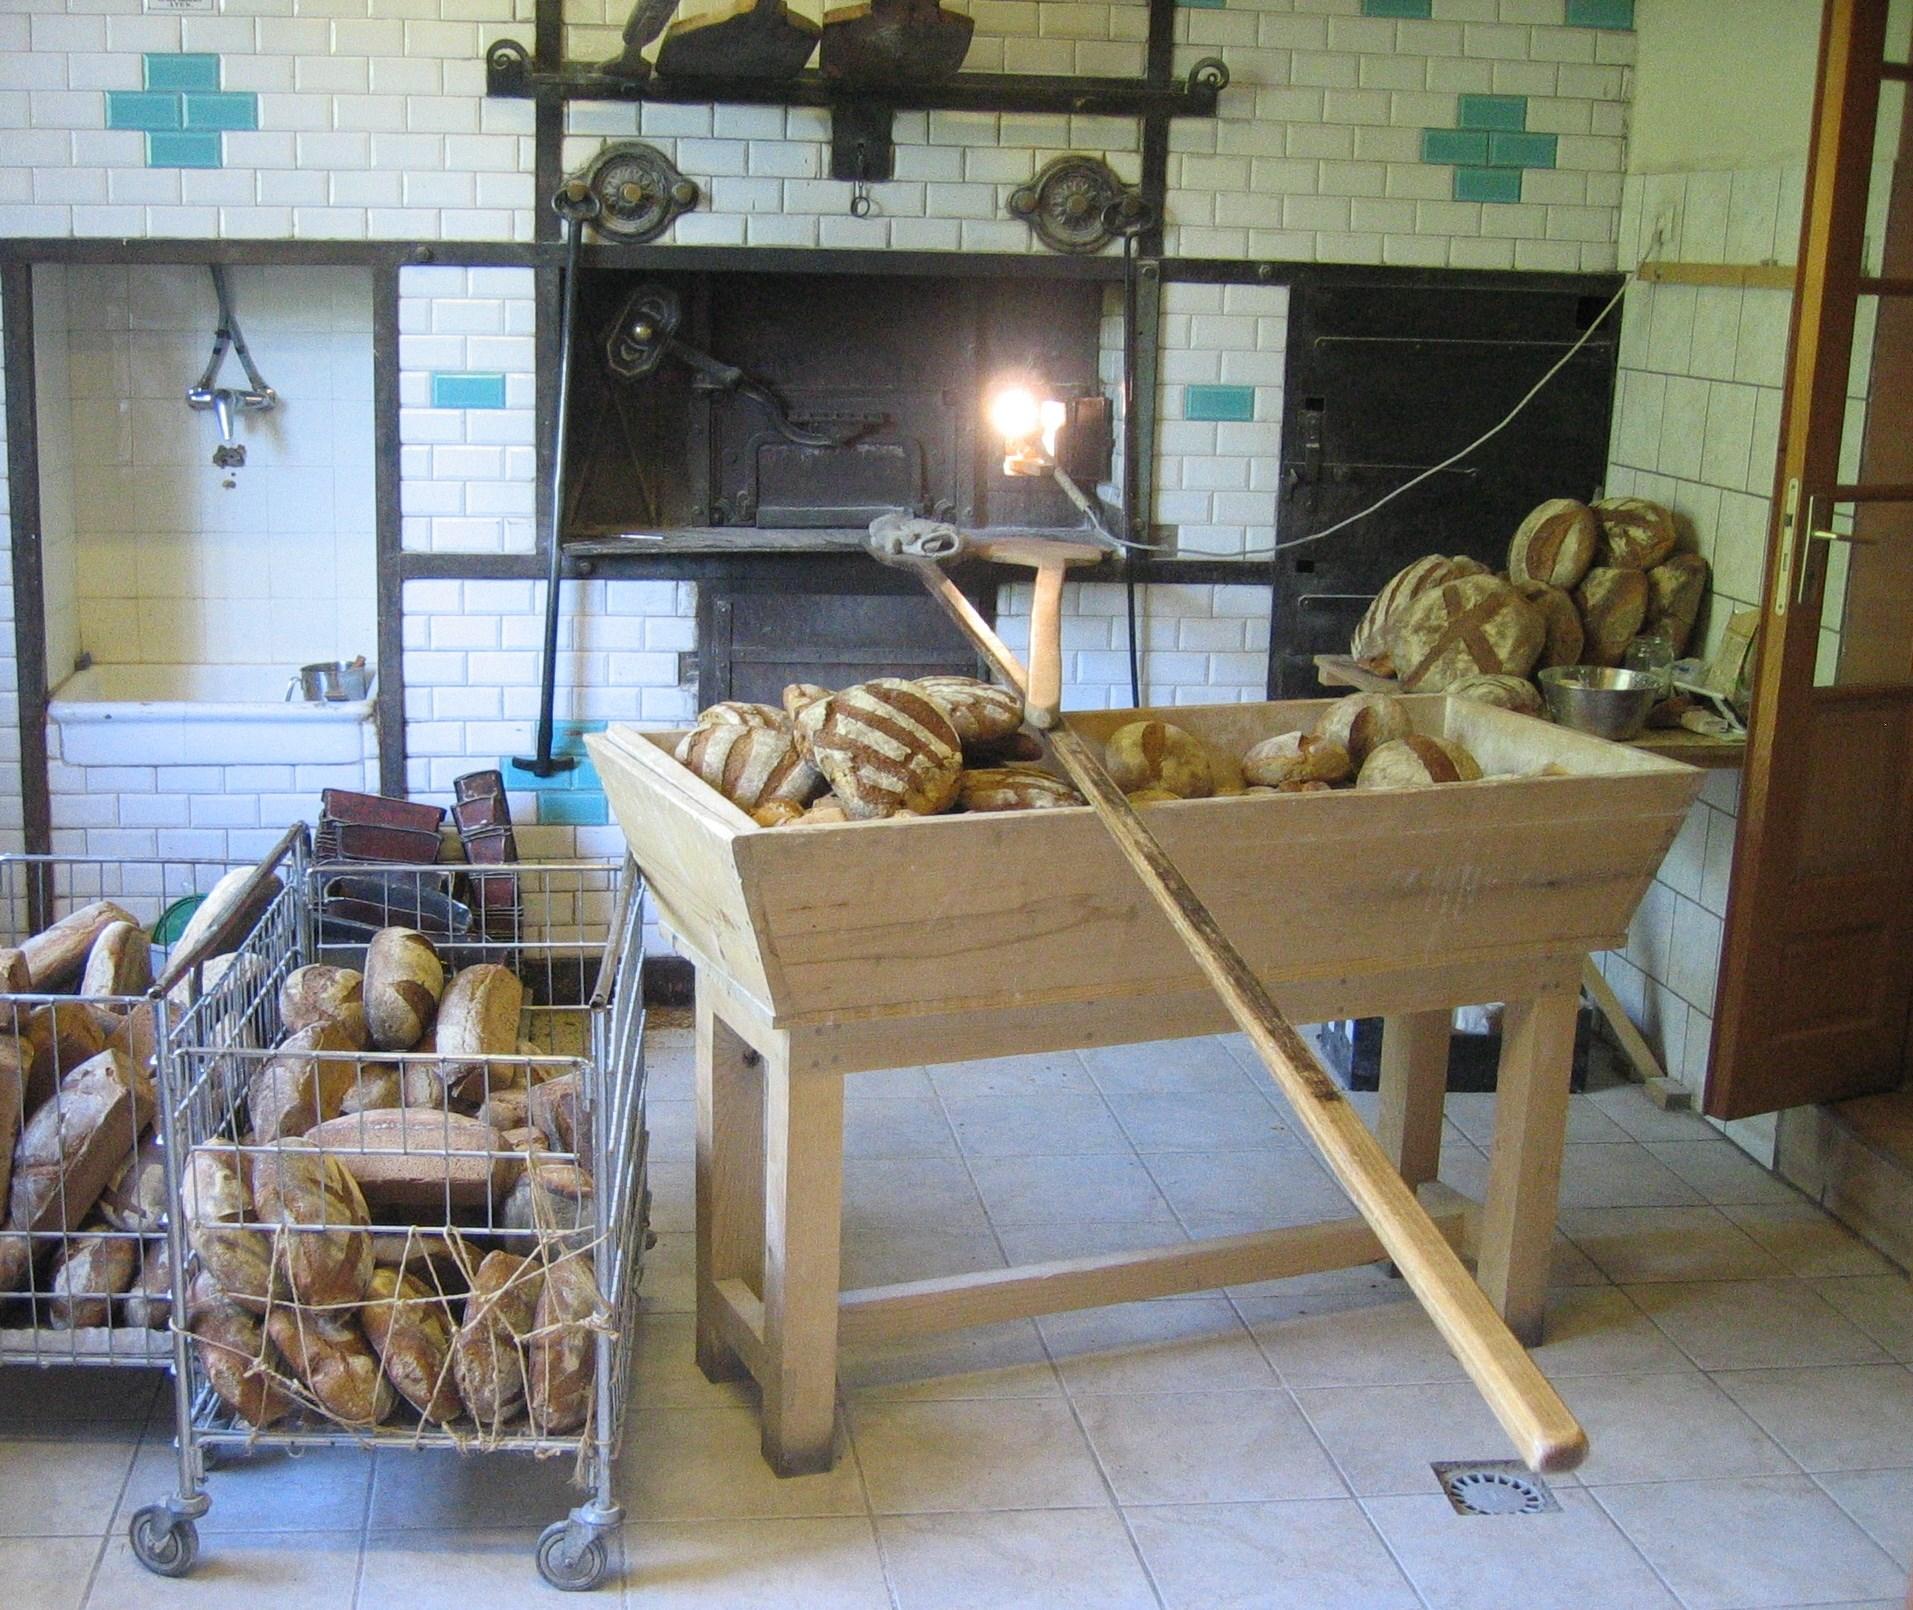 D veloppement durable du bon pain bio au levain - Extrait immatriculation chambre des metiers ...